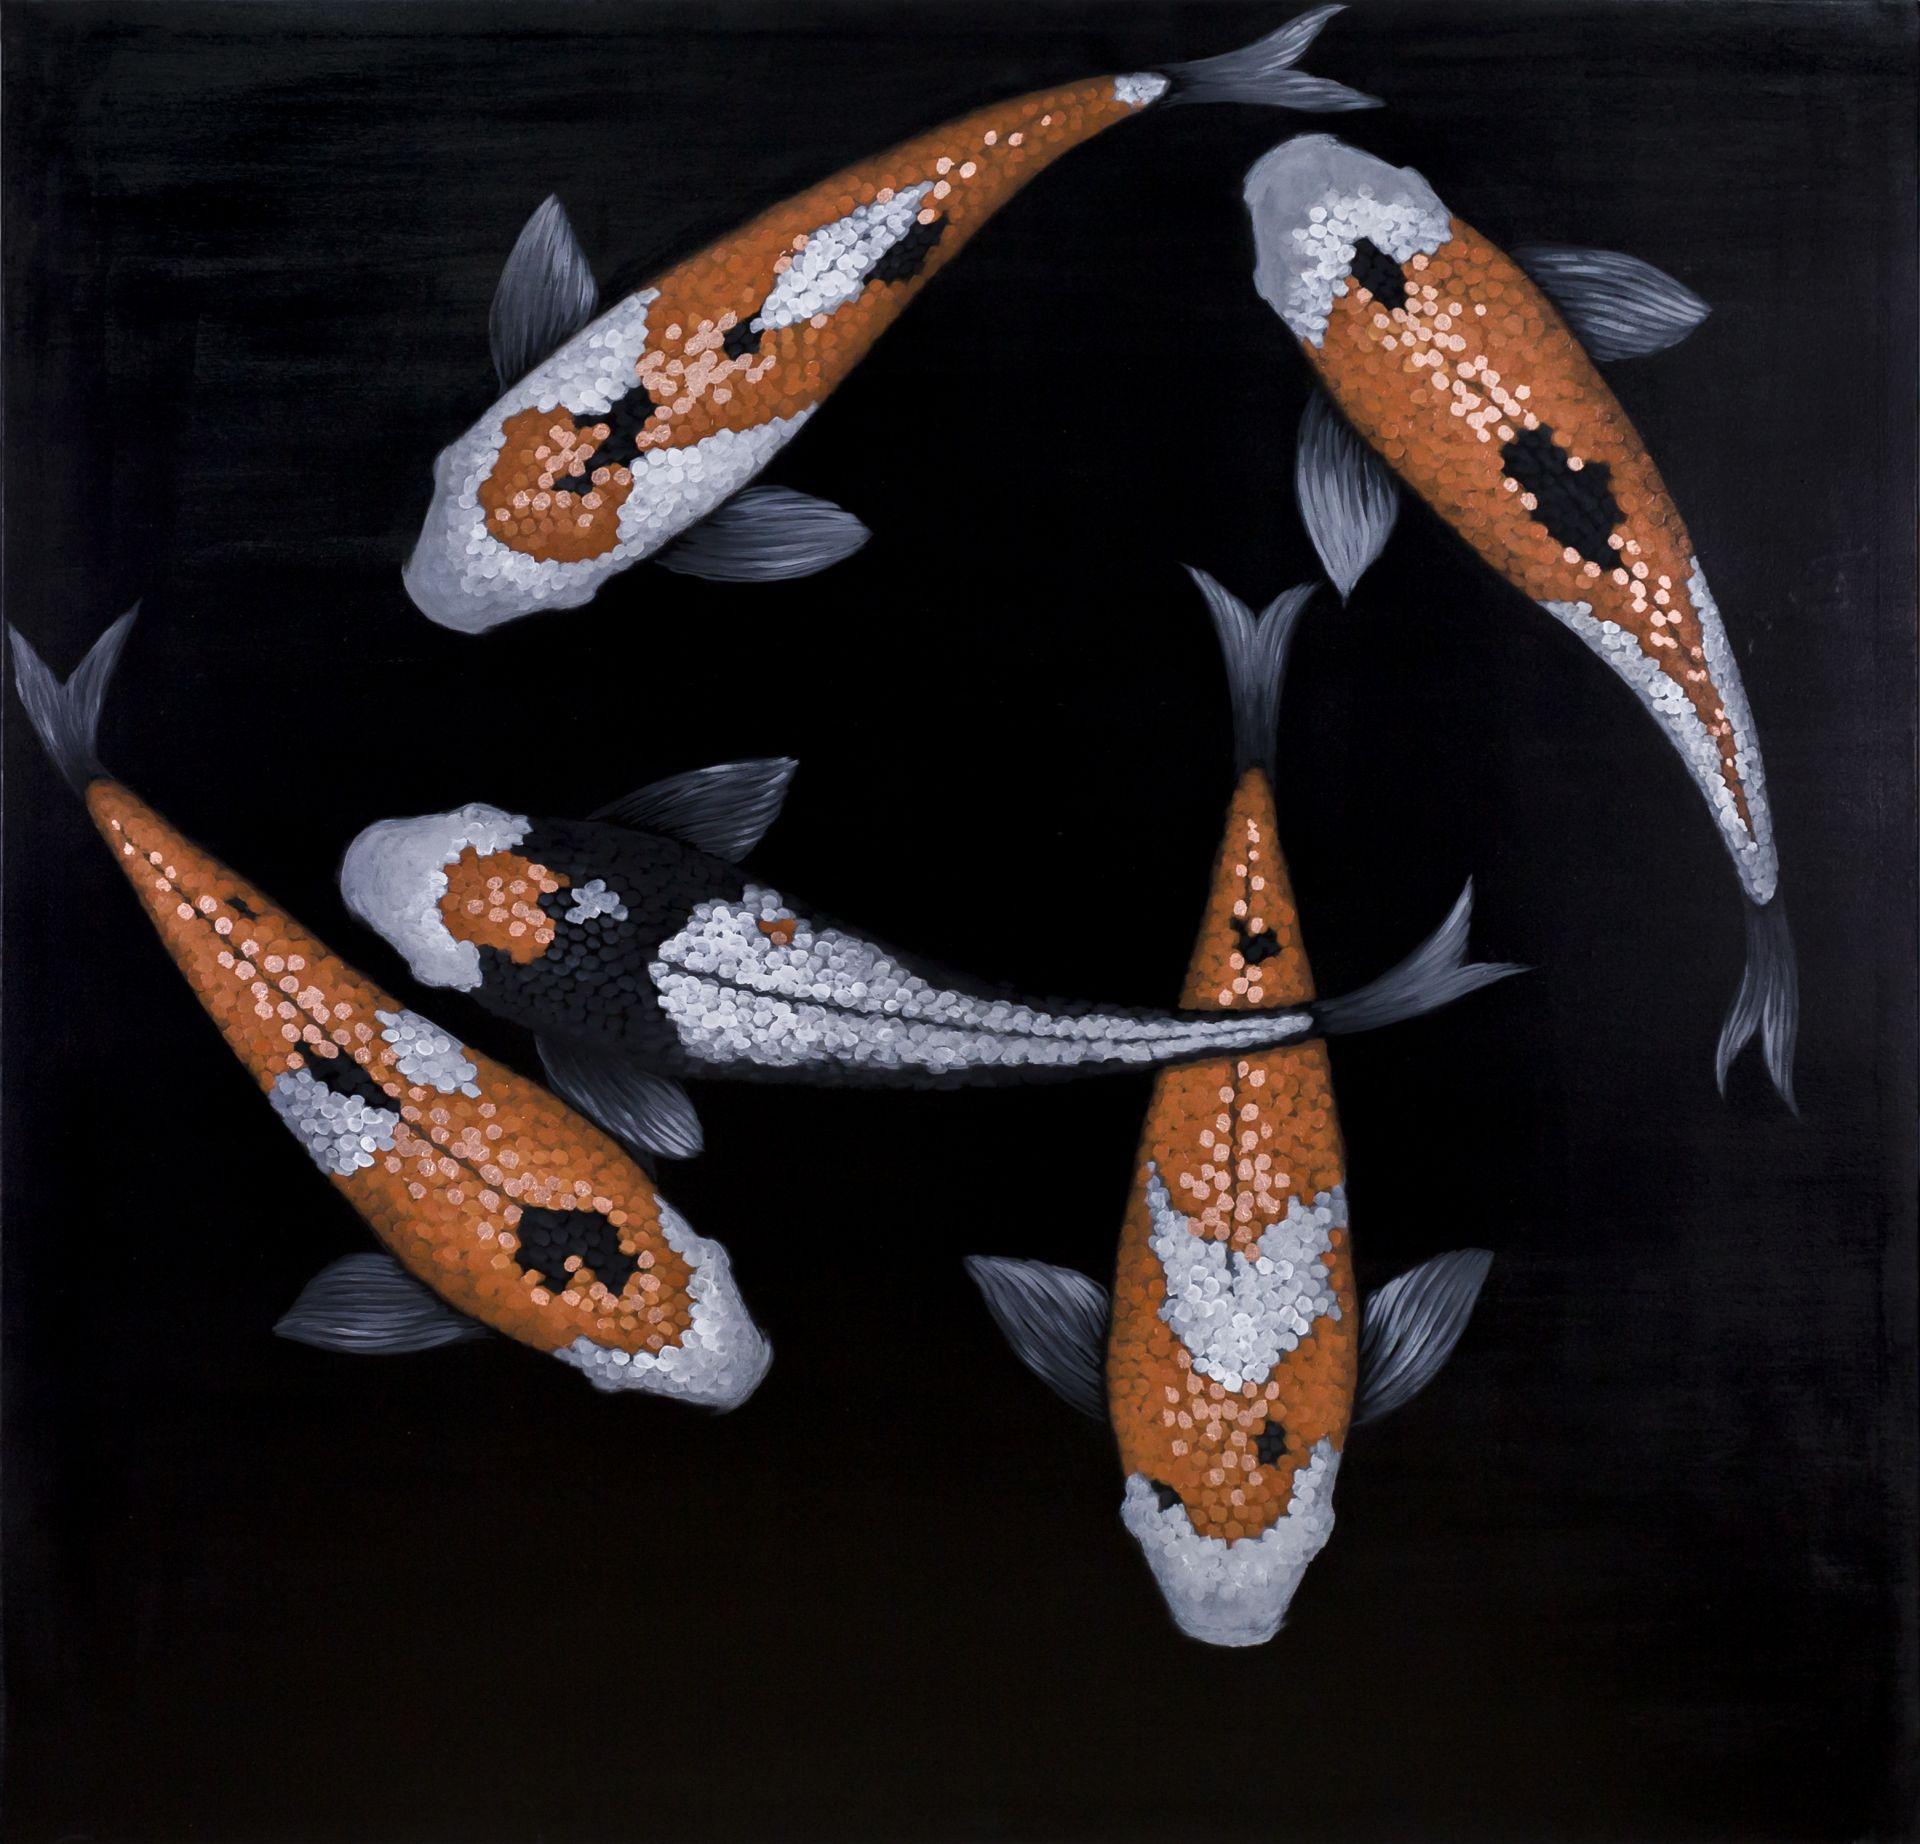 Jacqui Ashworth Kunst Galerie Voigt Nürnberg